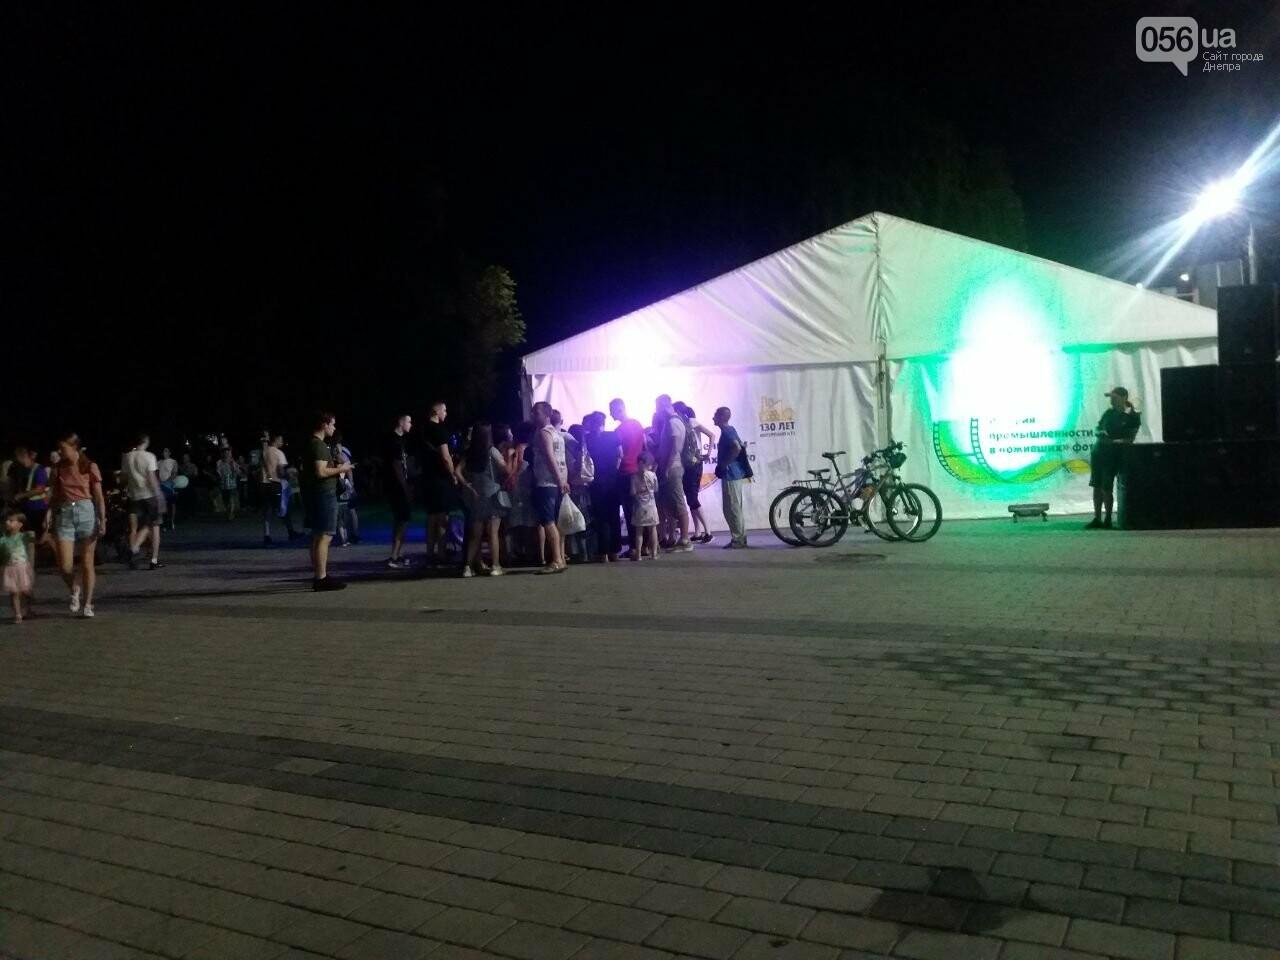 В Днепре возле Фестивального причала засветилась река, - ФОТО, ВИДЕО, фото-1